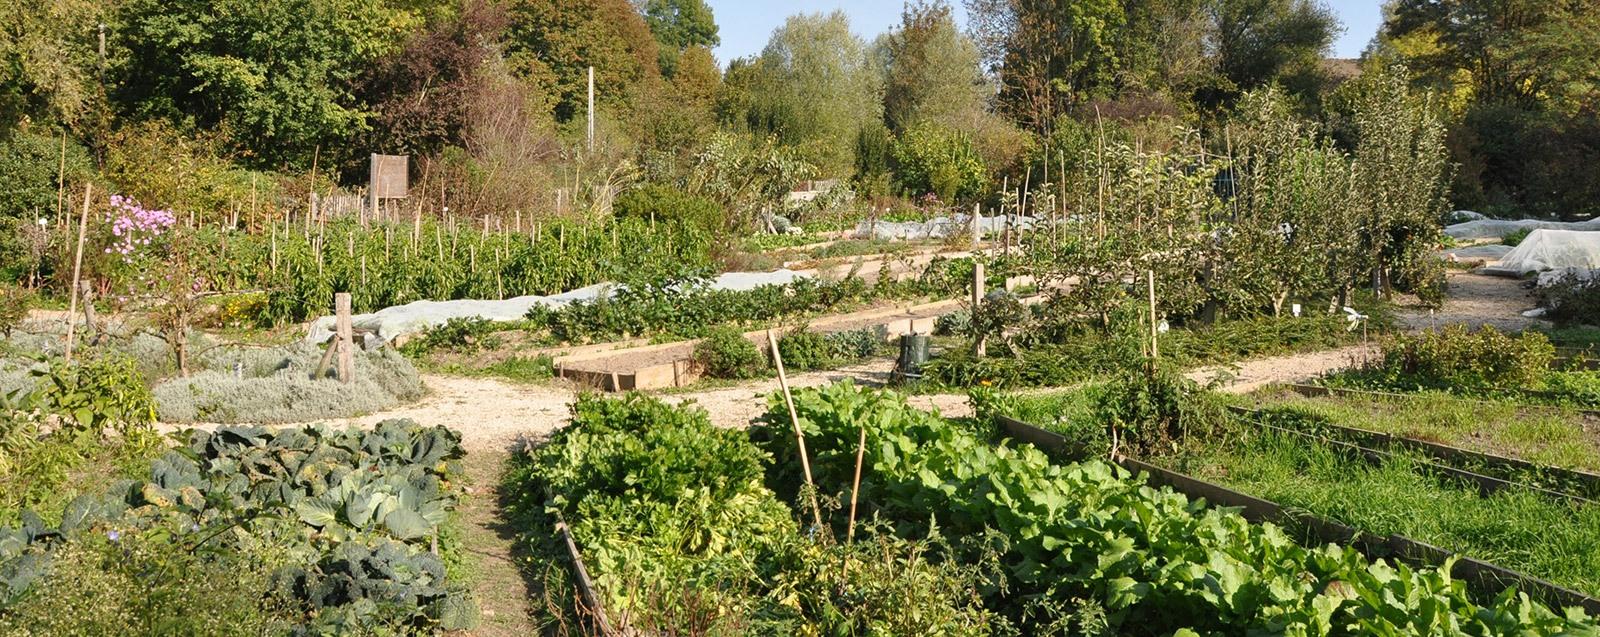 Jardin solidaire de Vaugelas, Villefontaine